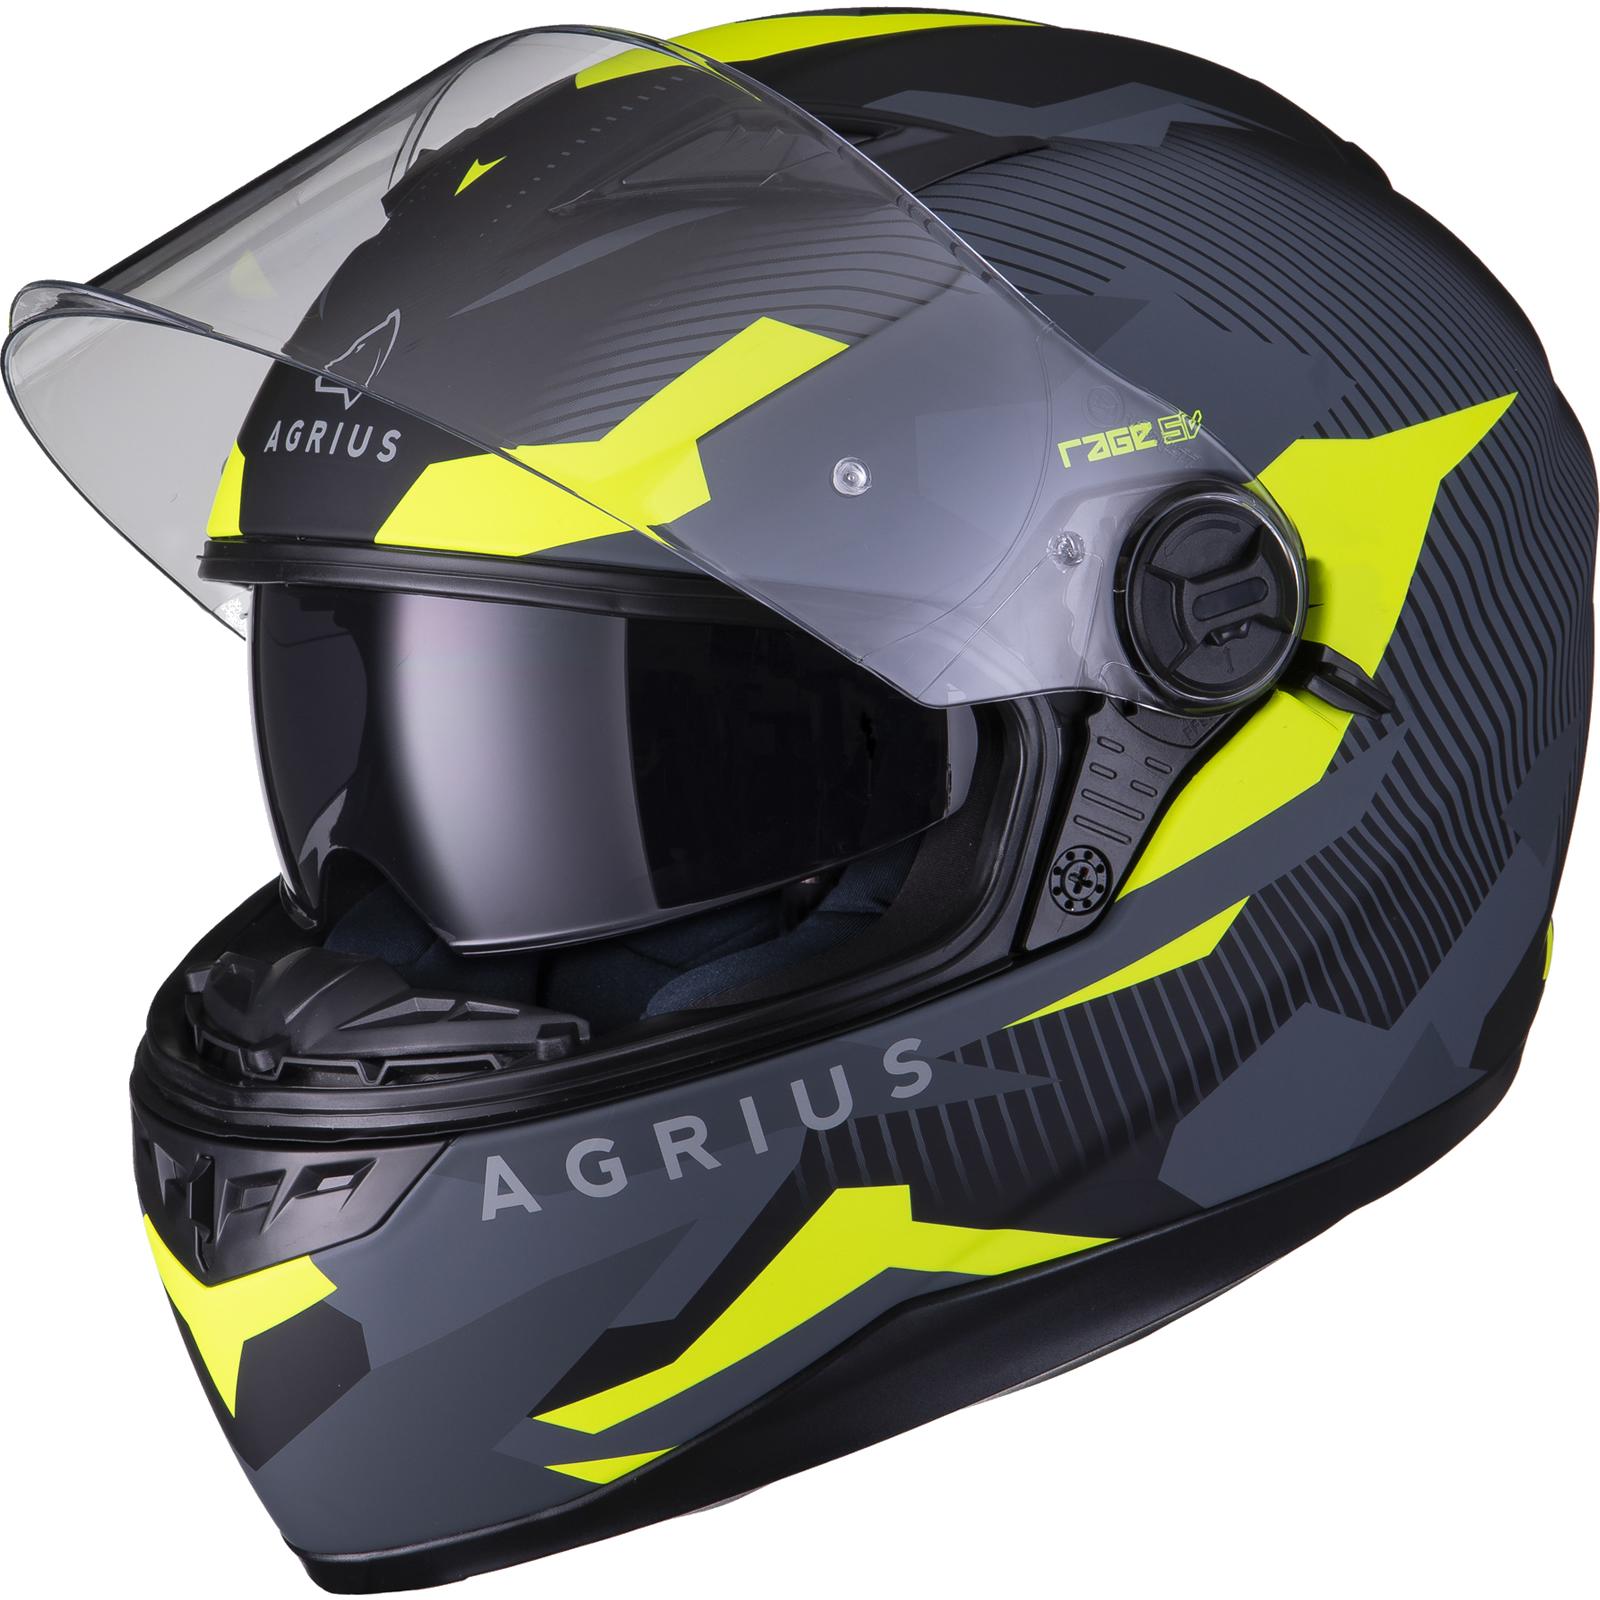 Agrius-Rage-SV-Tracker-Full-Face-Motorcycle-Matt-Helmet-bike-Road-Bike-Scooter thumbnail 38